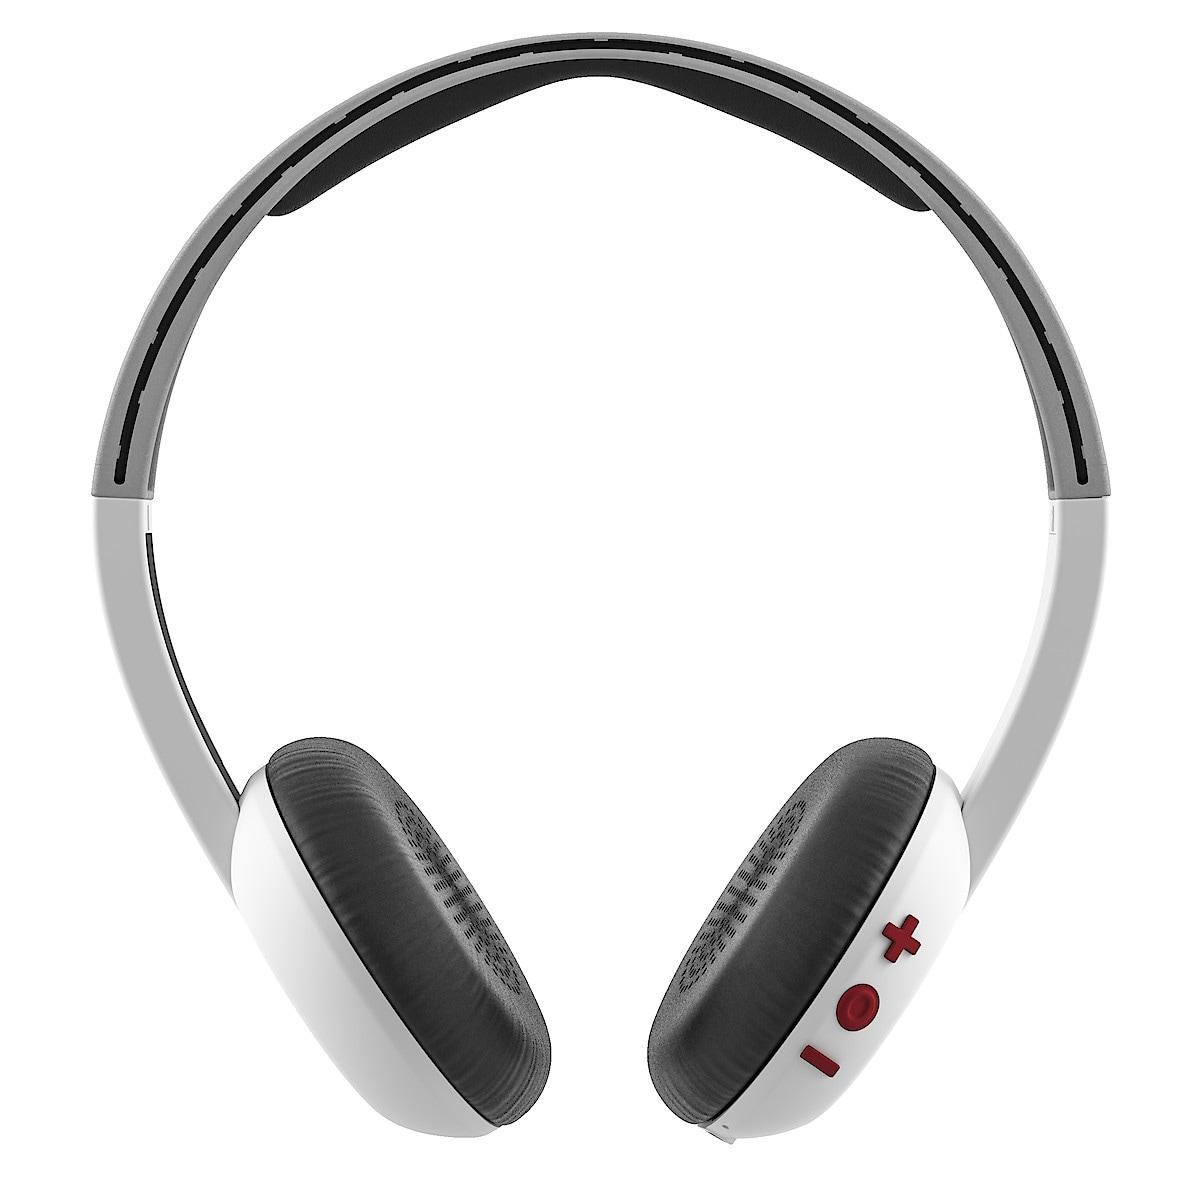 Kabellose Kopfhörer mit Mikrofon Skullcandy Uproar Wireless